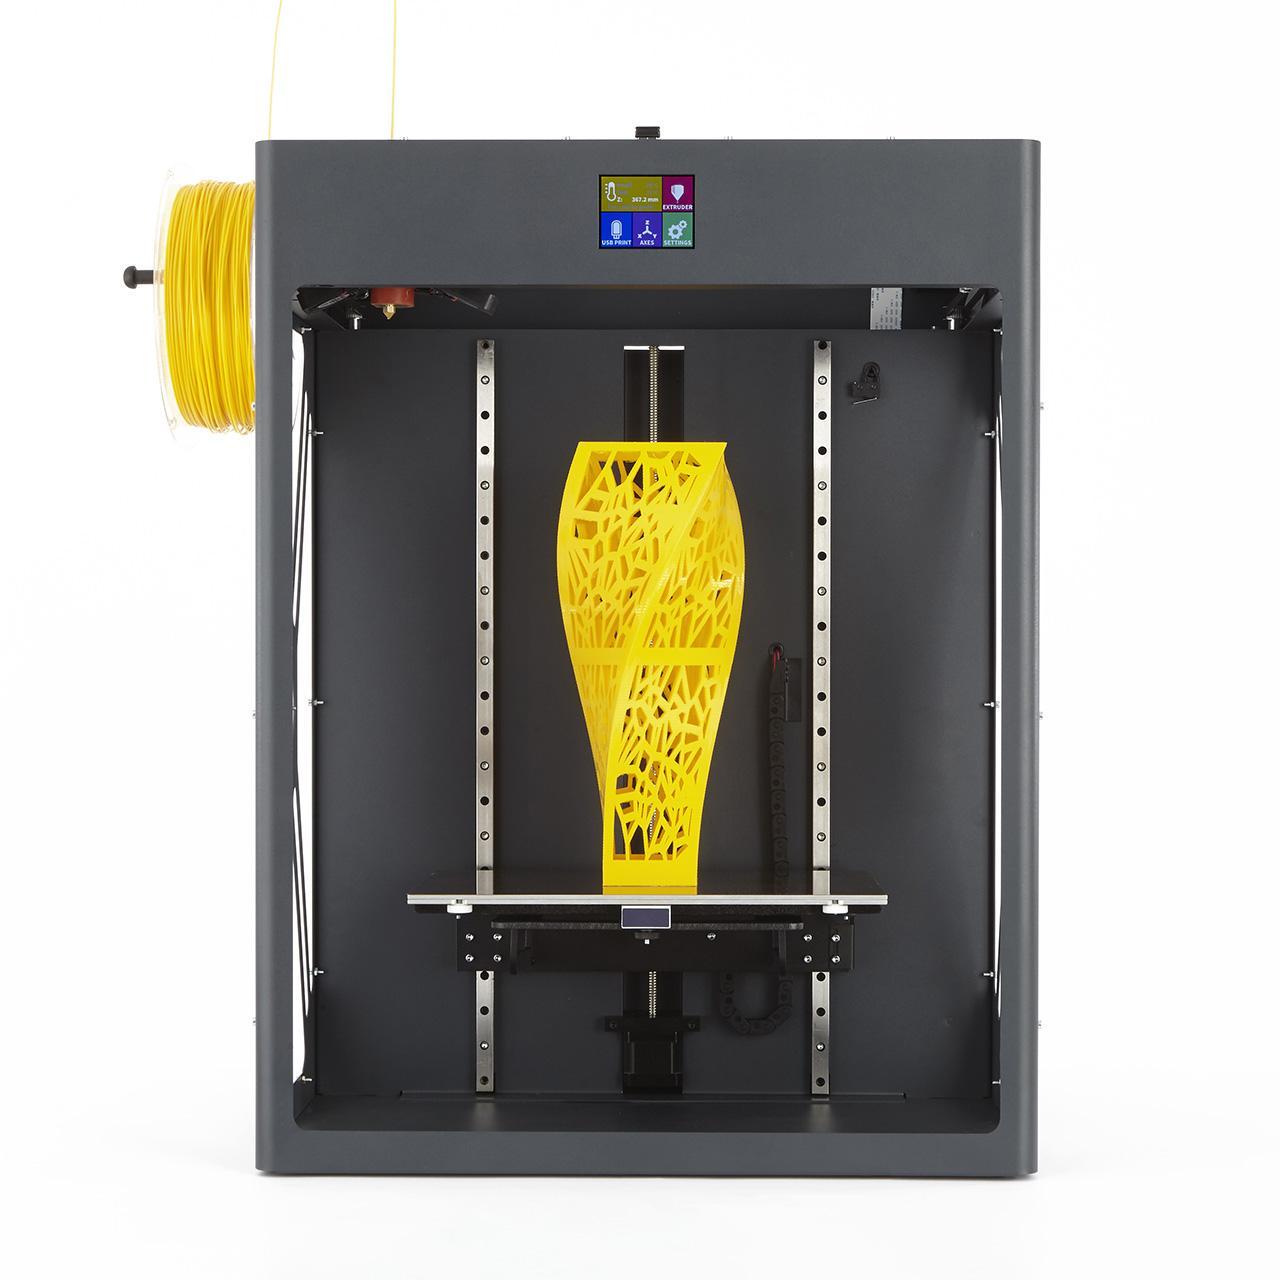 CraftBot XL műanyag szálolvasztásos, nagyformátumú 3D nyomtató